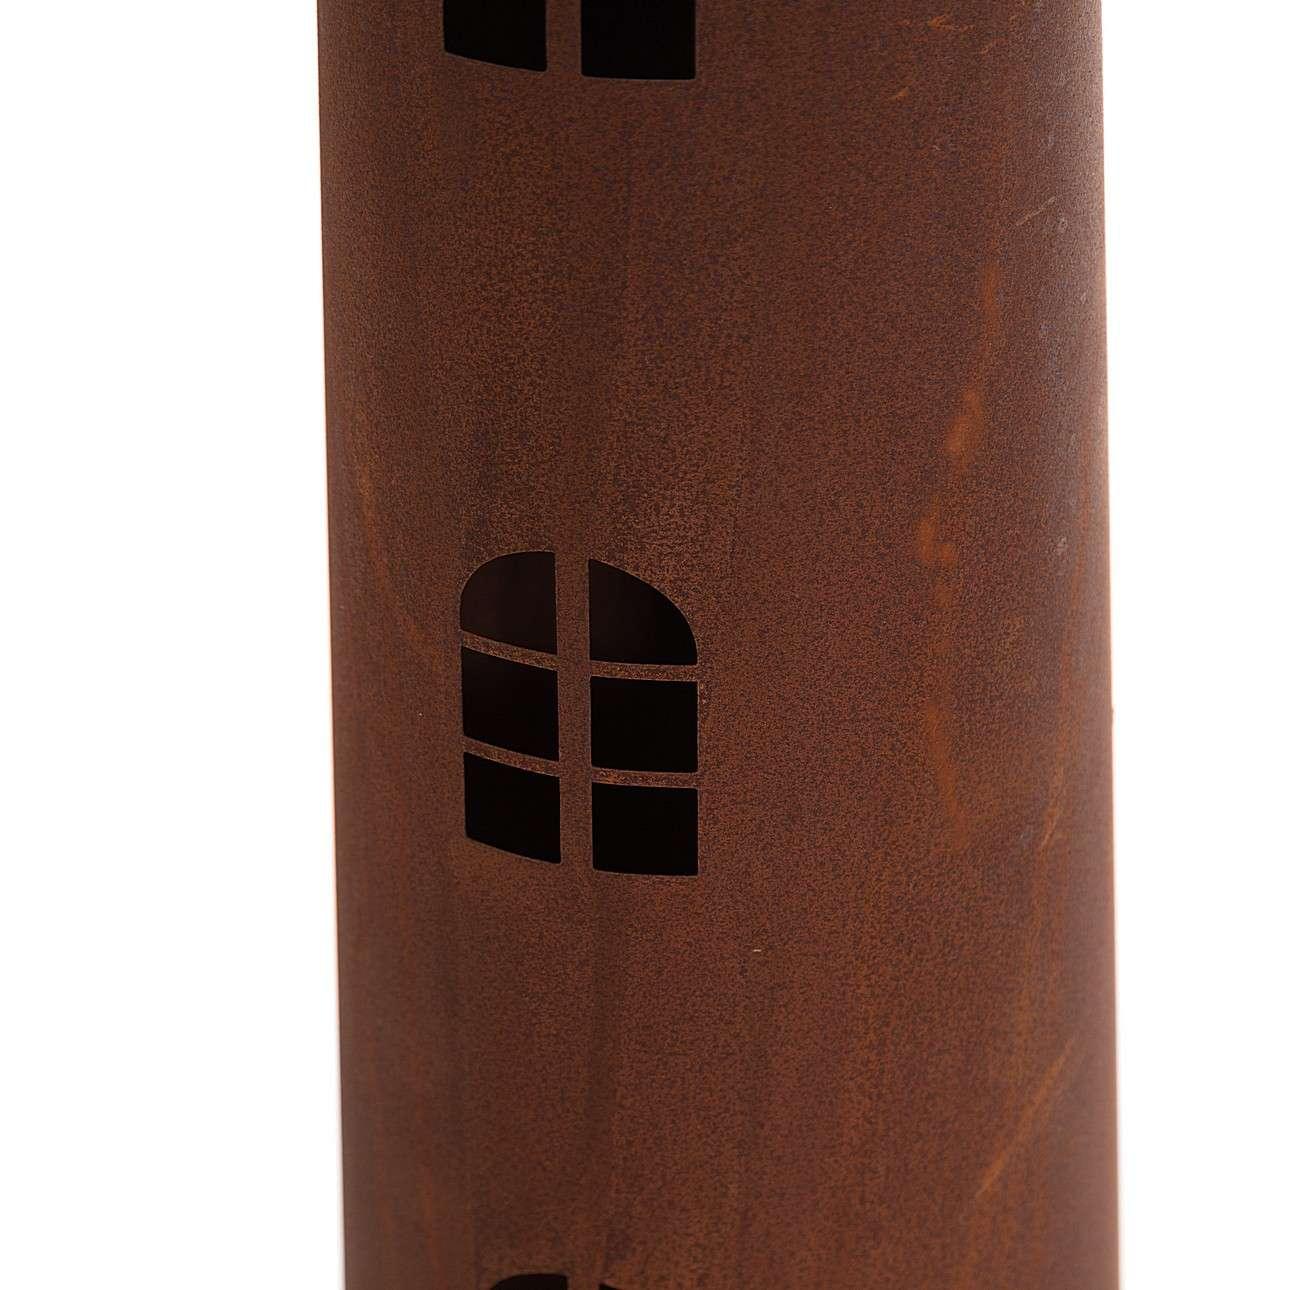 Leuchter Stilo 80 cm